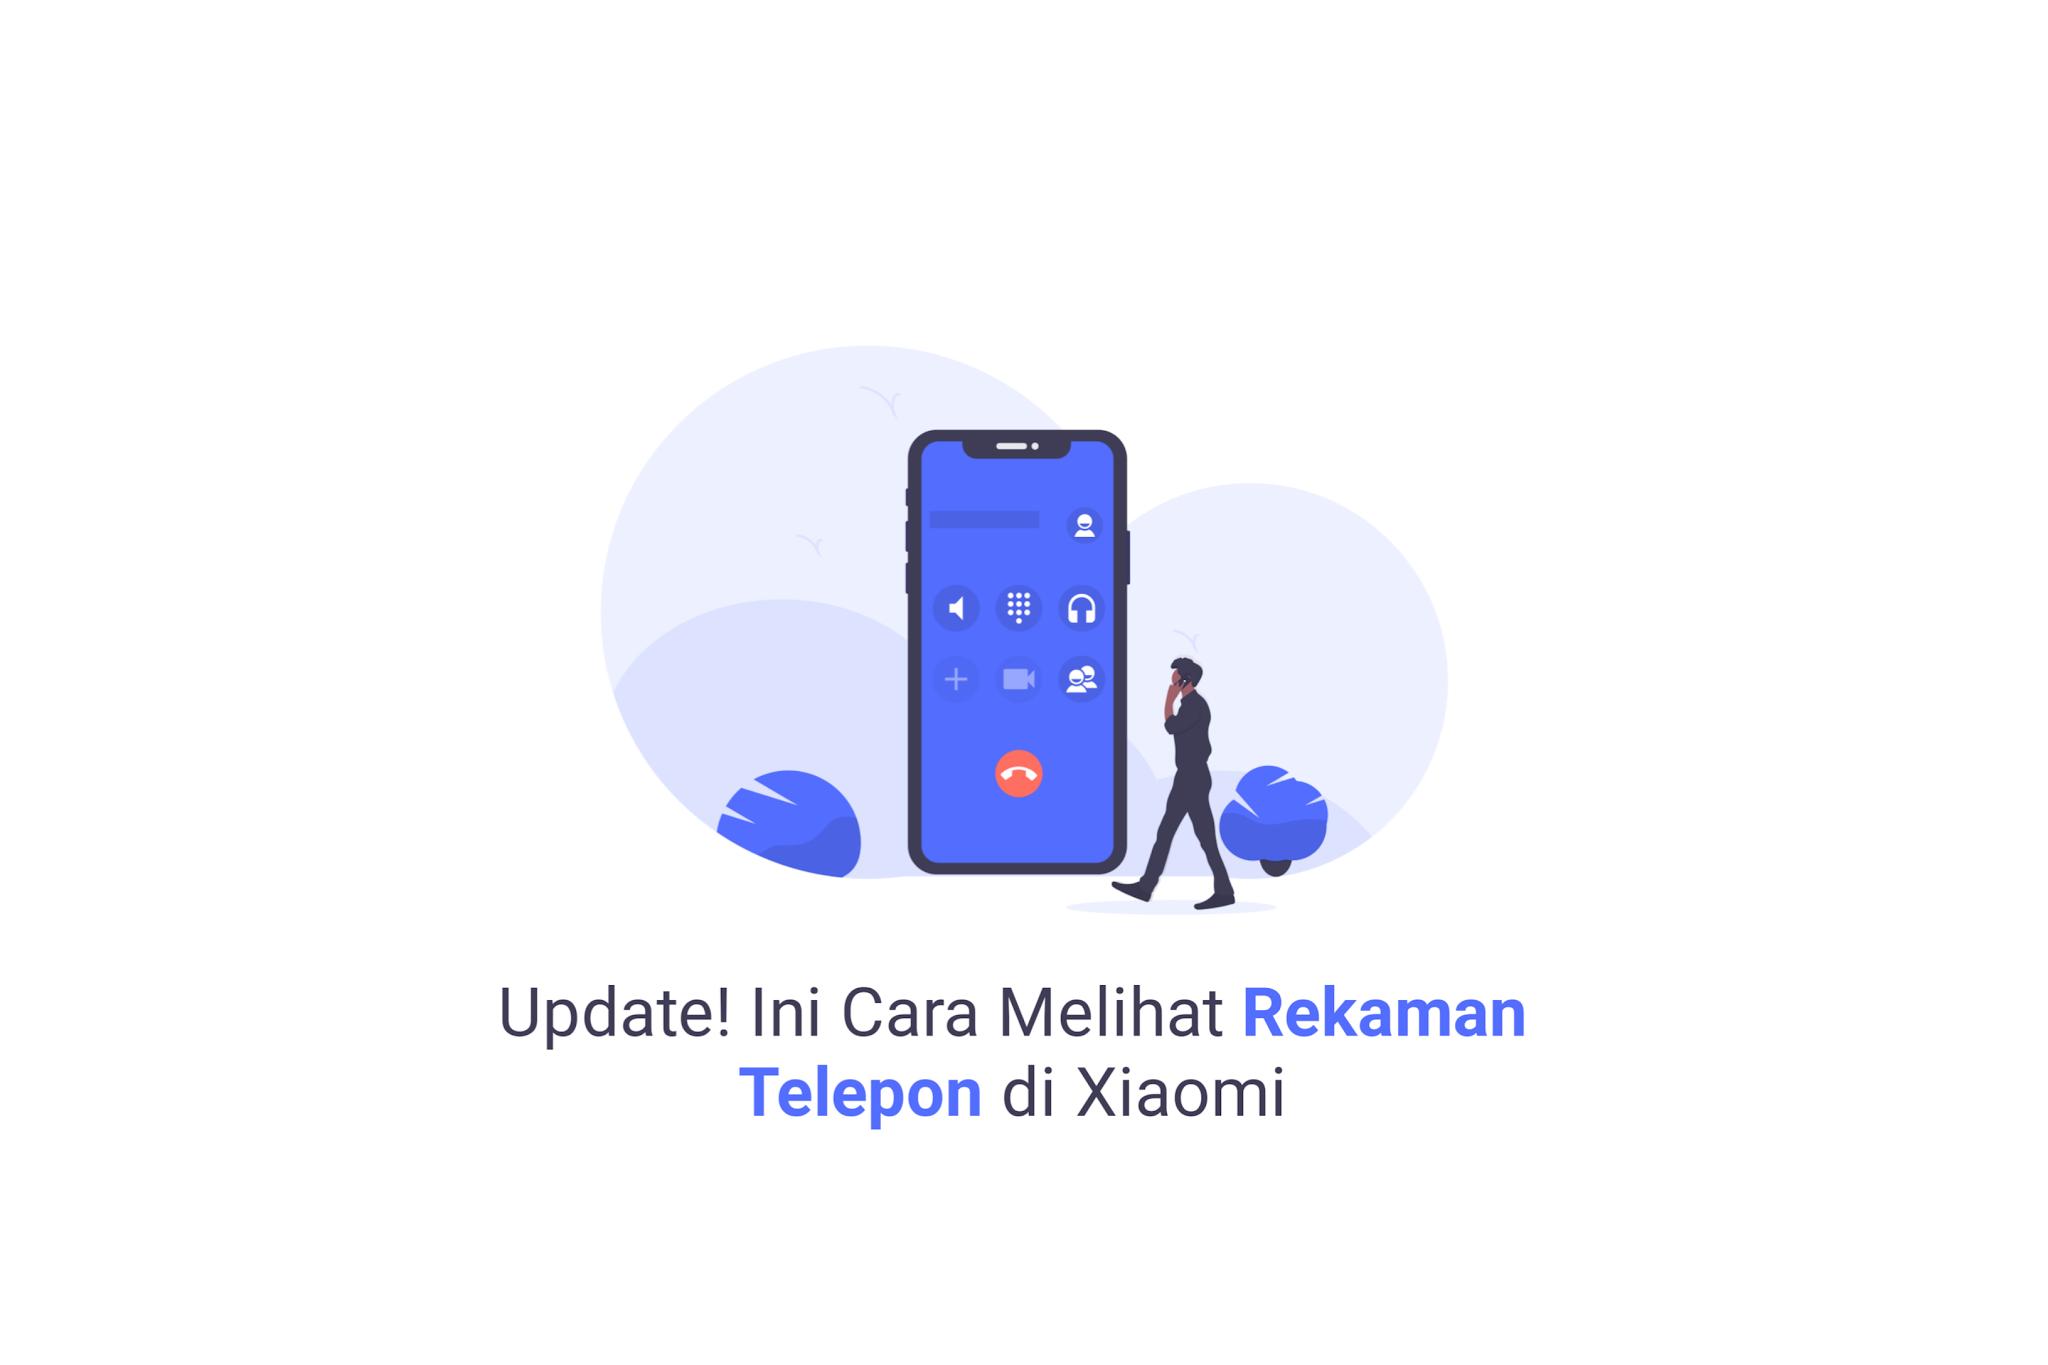 Cara Update! Ini Cara Melihat Rekaman Telepon di Xiaomi